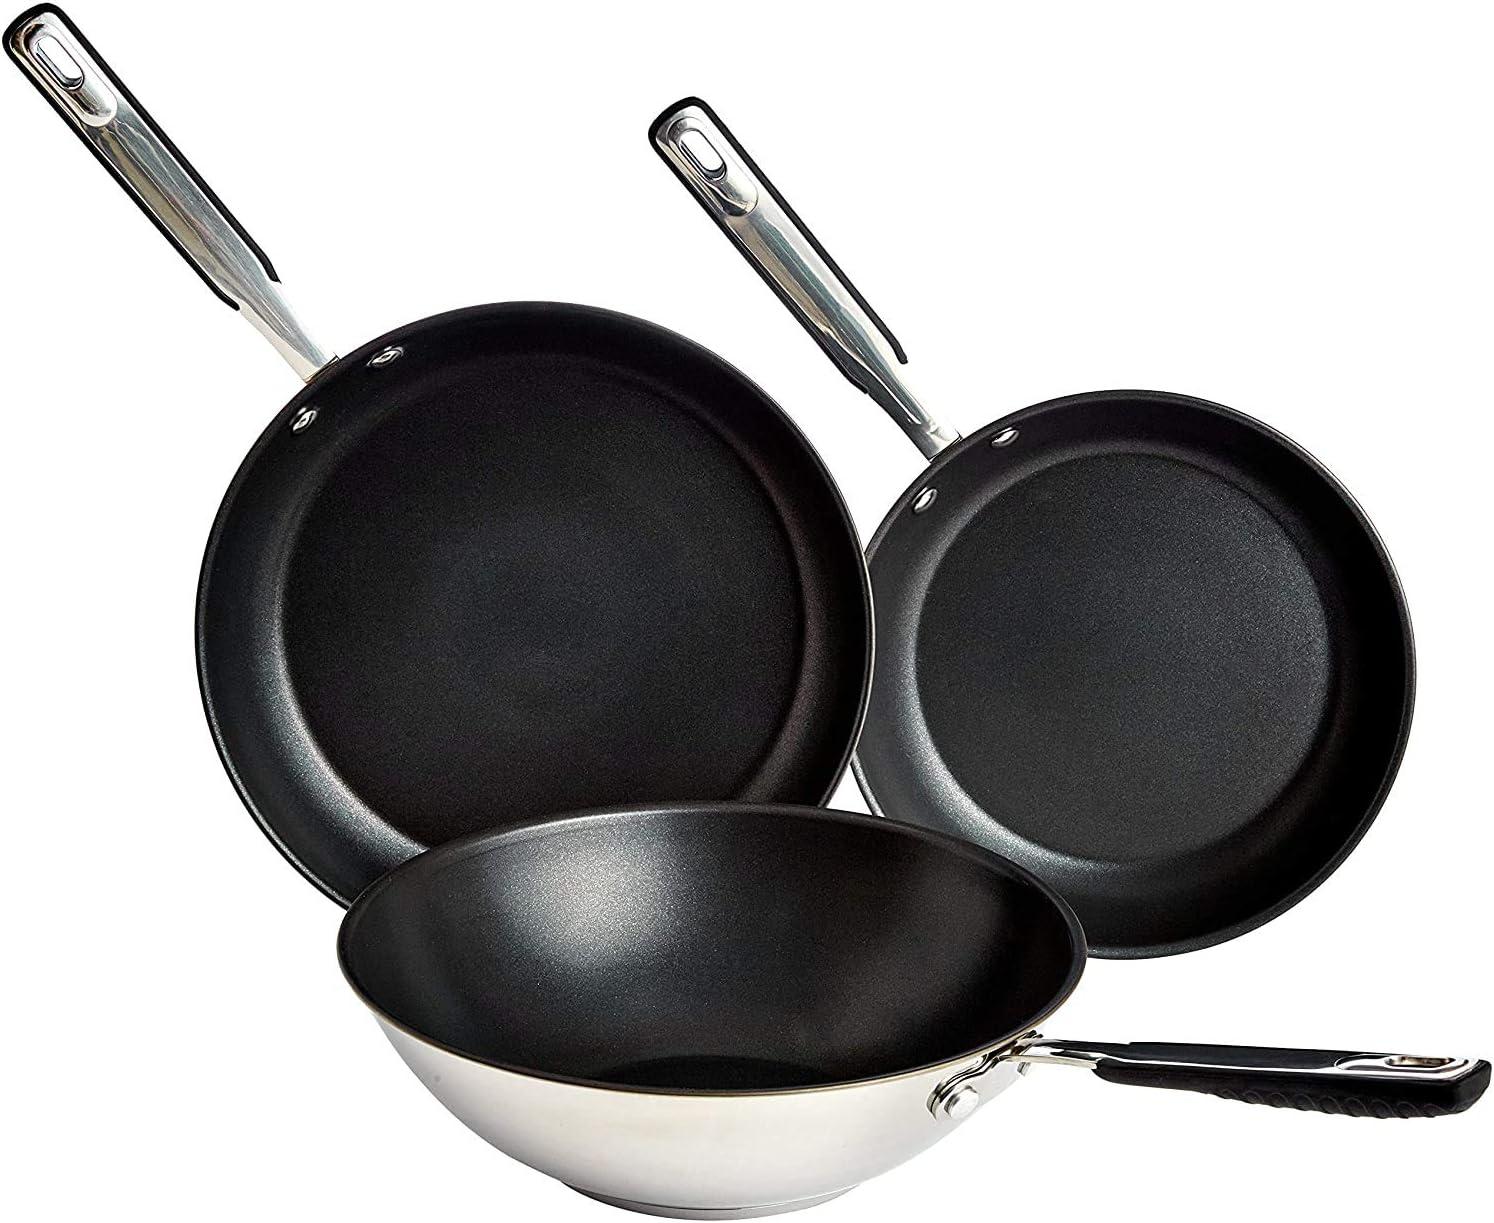 Amazon Basics Juego de Utensilios de Cocina de Inducción - 3 Piezas, Sartenes y Wok, Antiadherentes, Acero Inoxidable - 24/28/28 cm